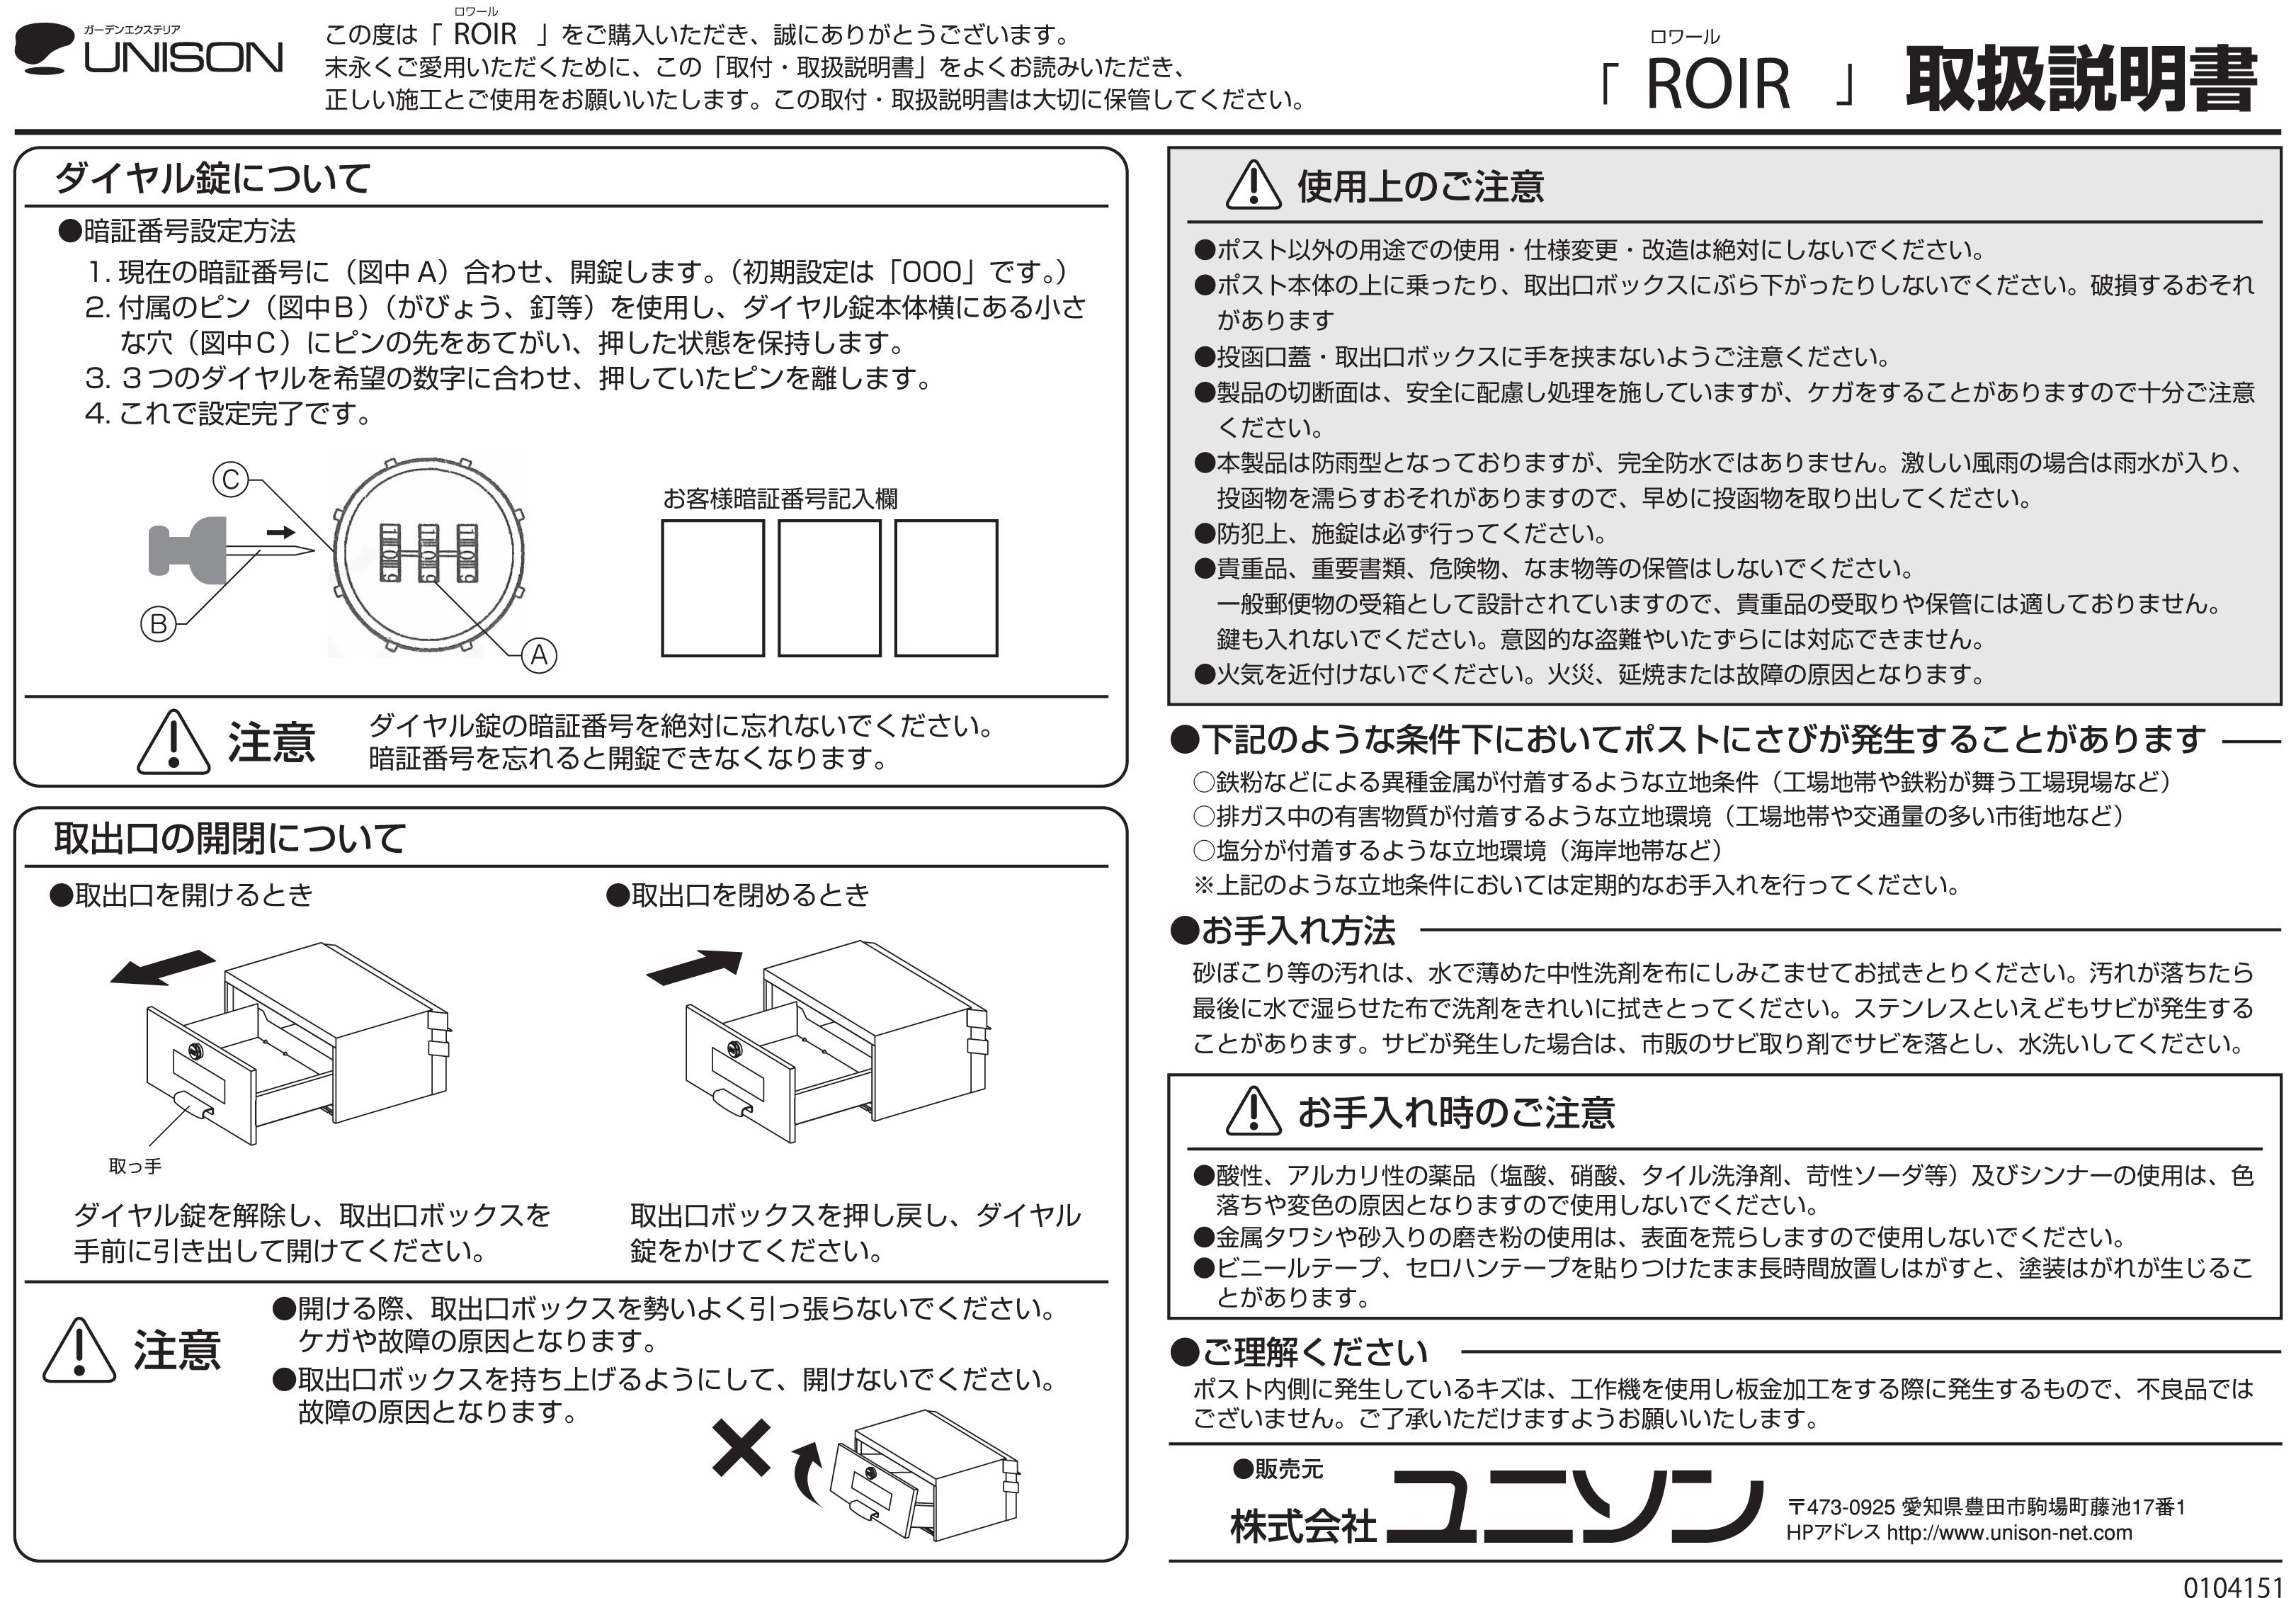 ロワール_取扱説明書-2